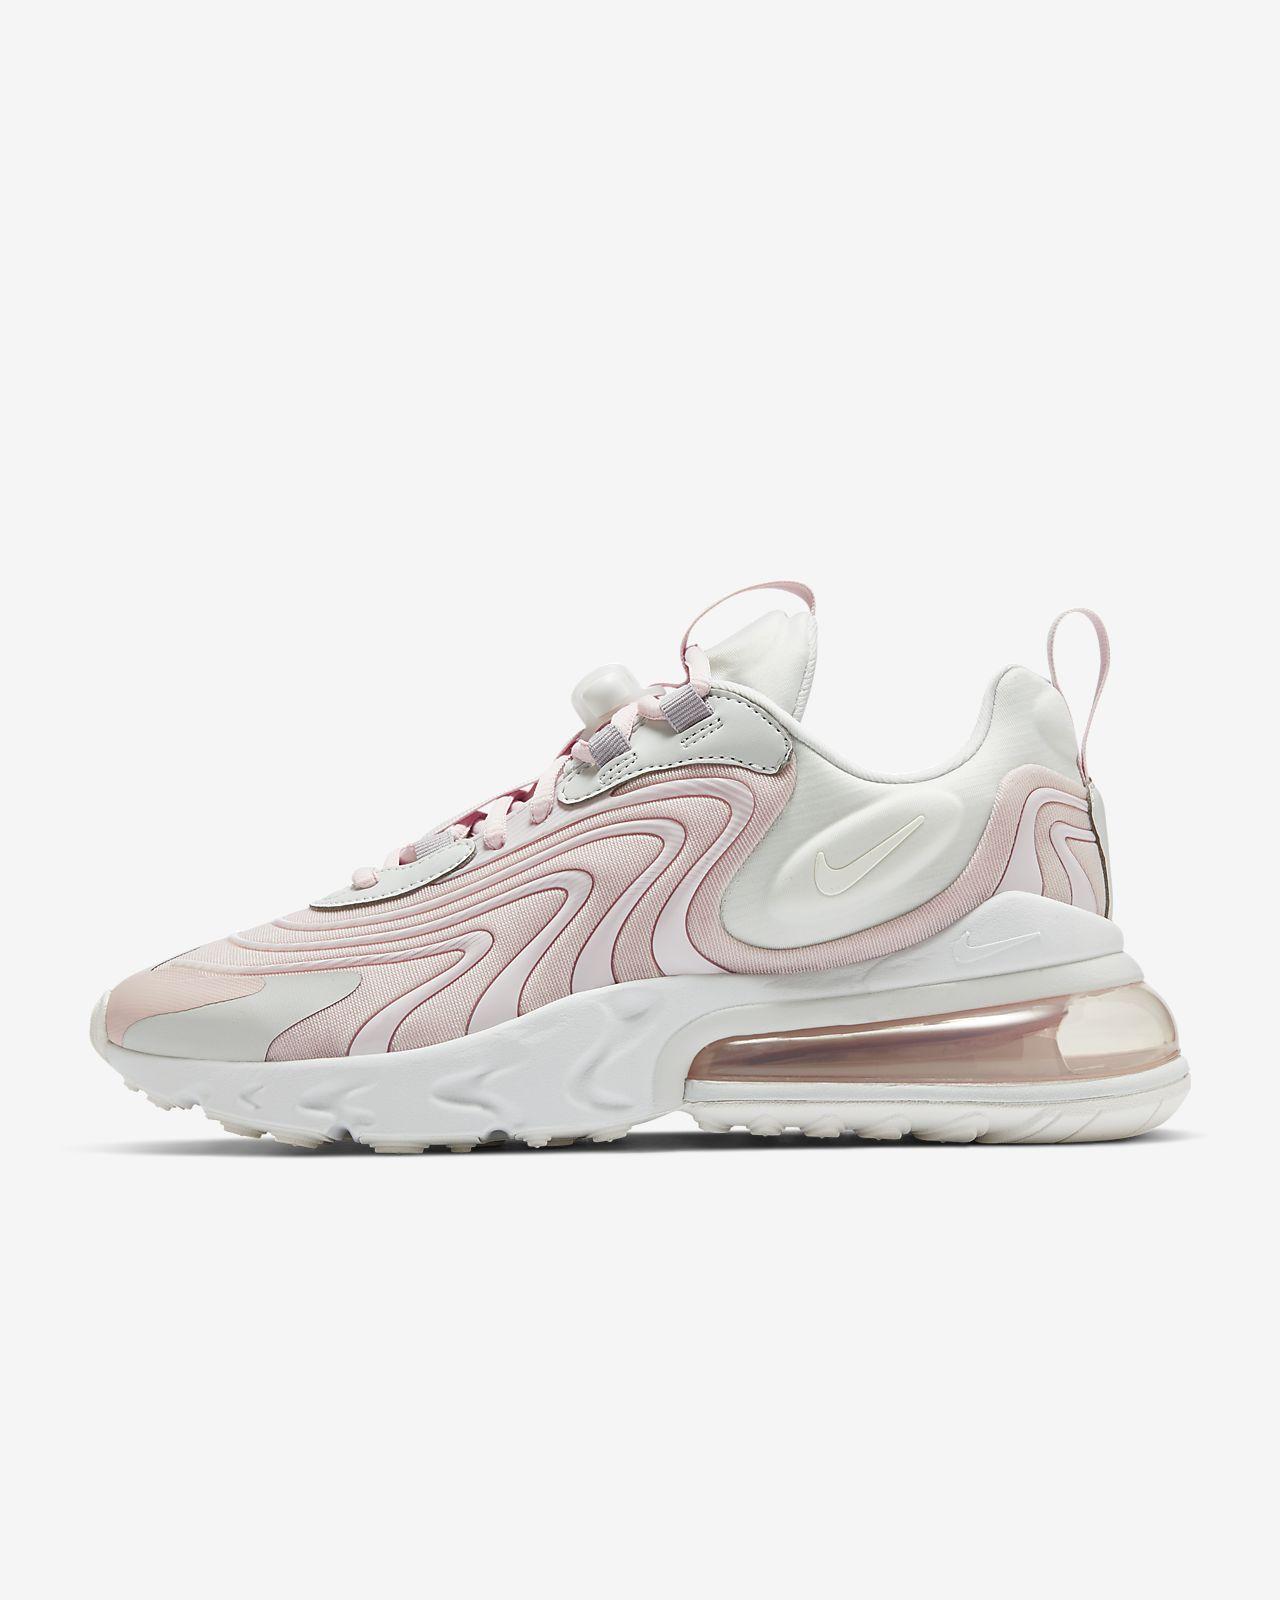 Nike Air Max 270 Rose White Womens